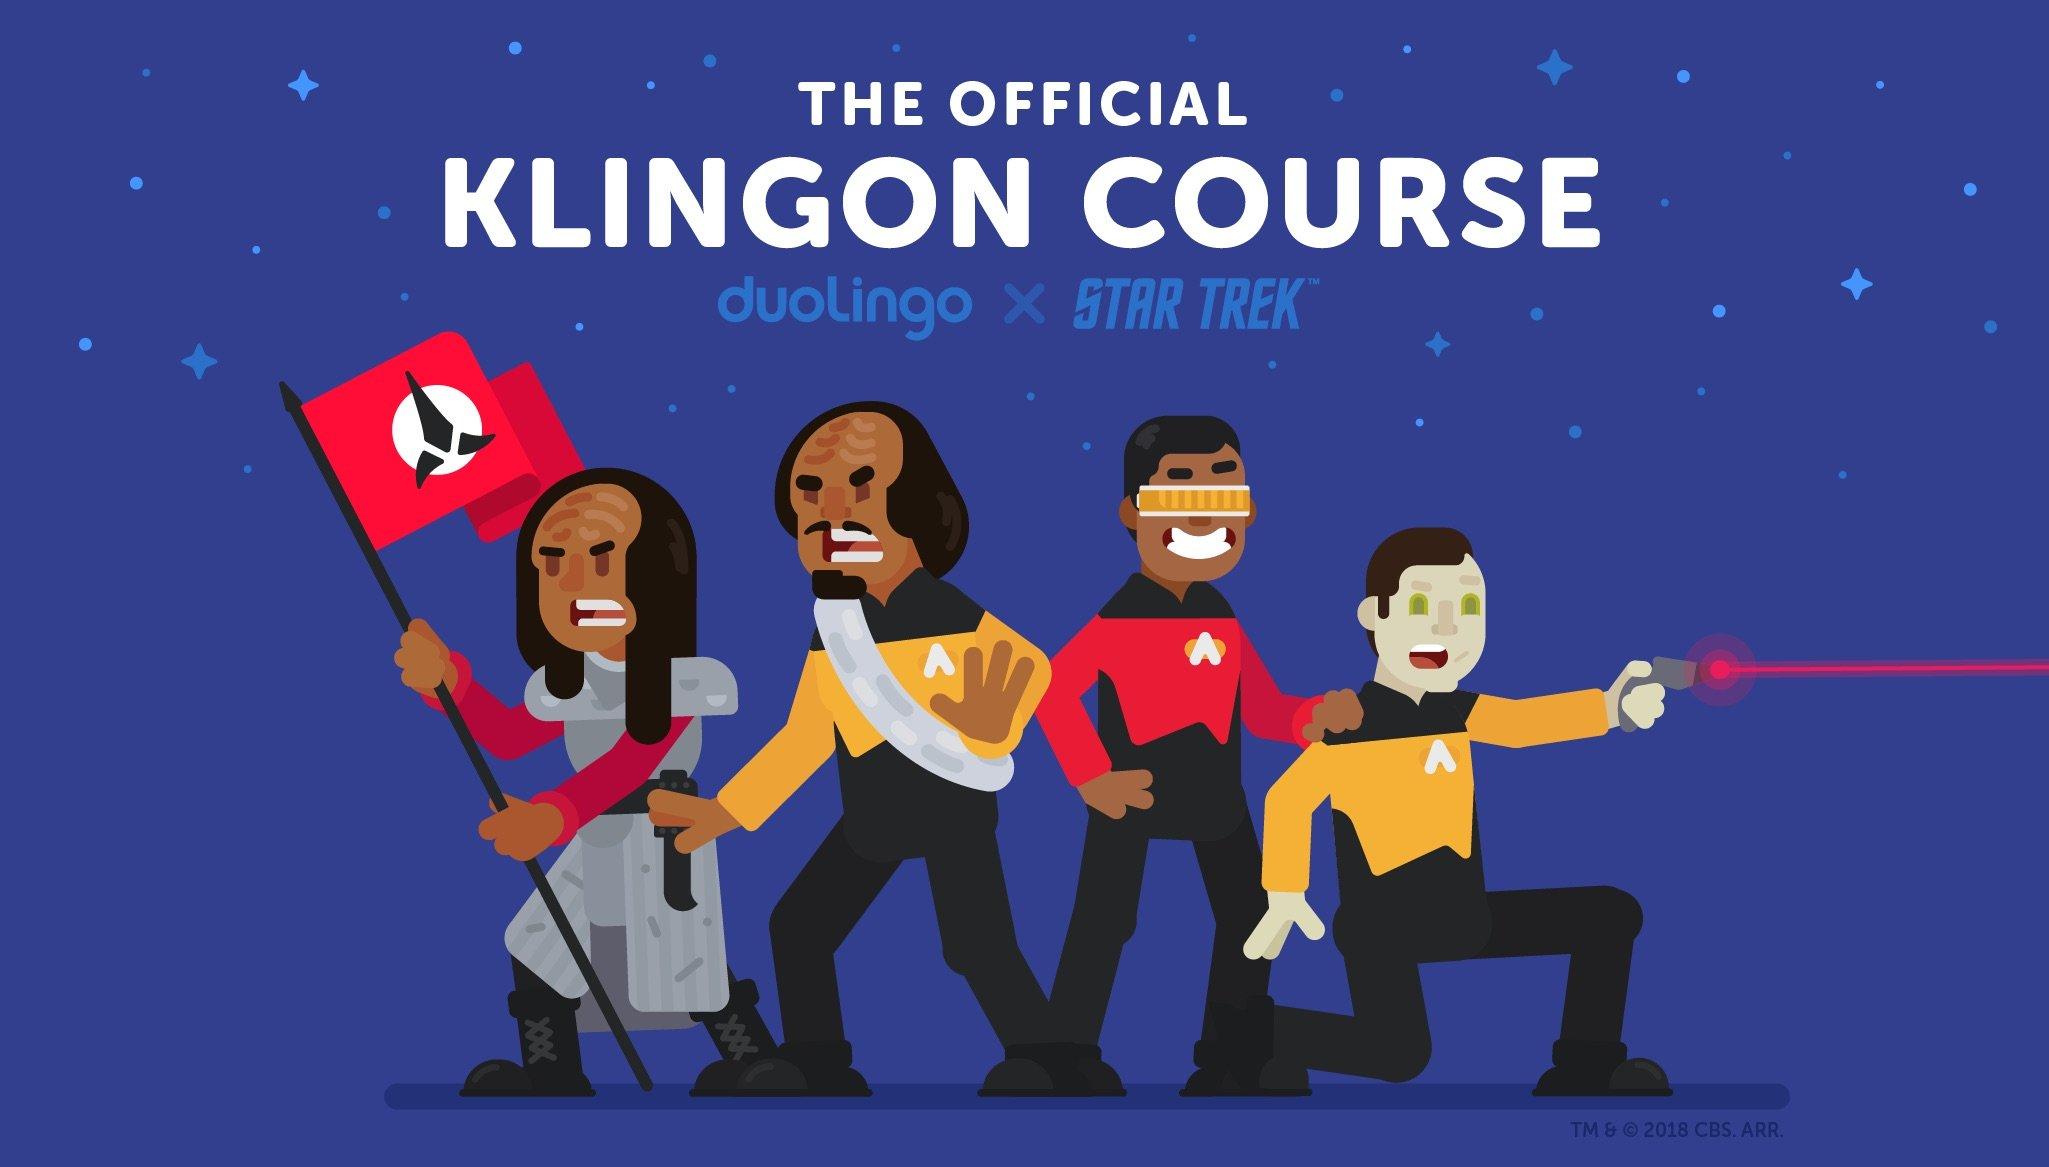 Выучить клингонский язык из Star Trek теперь может любой желающий